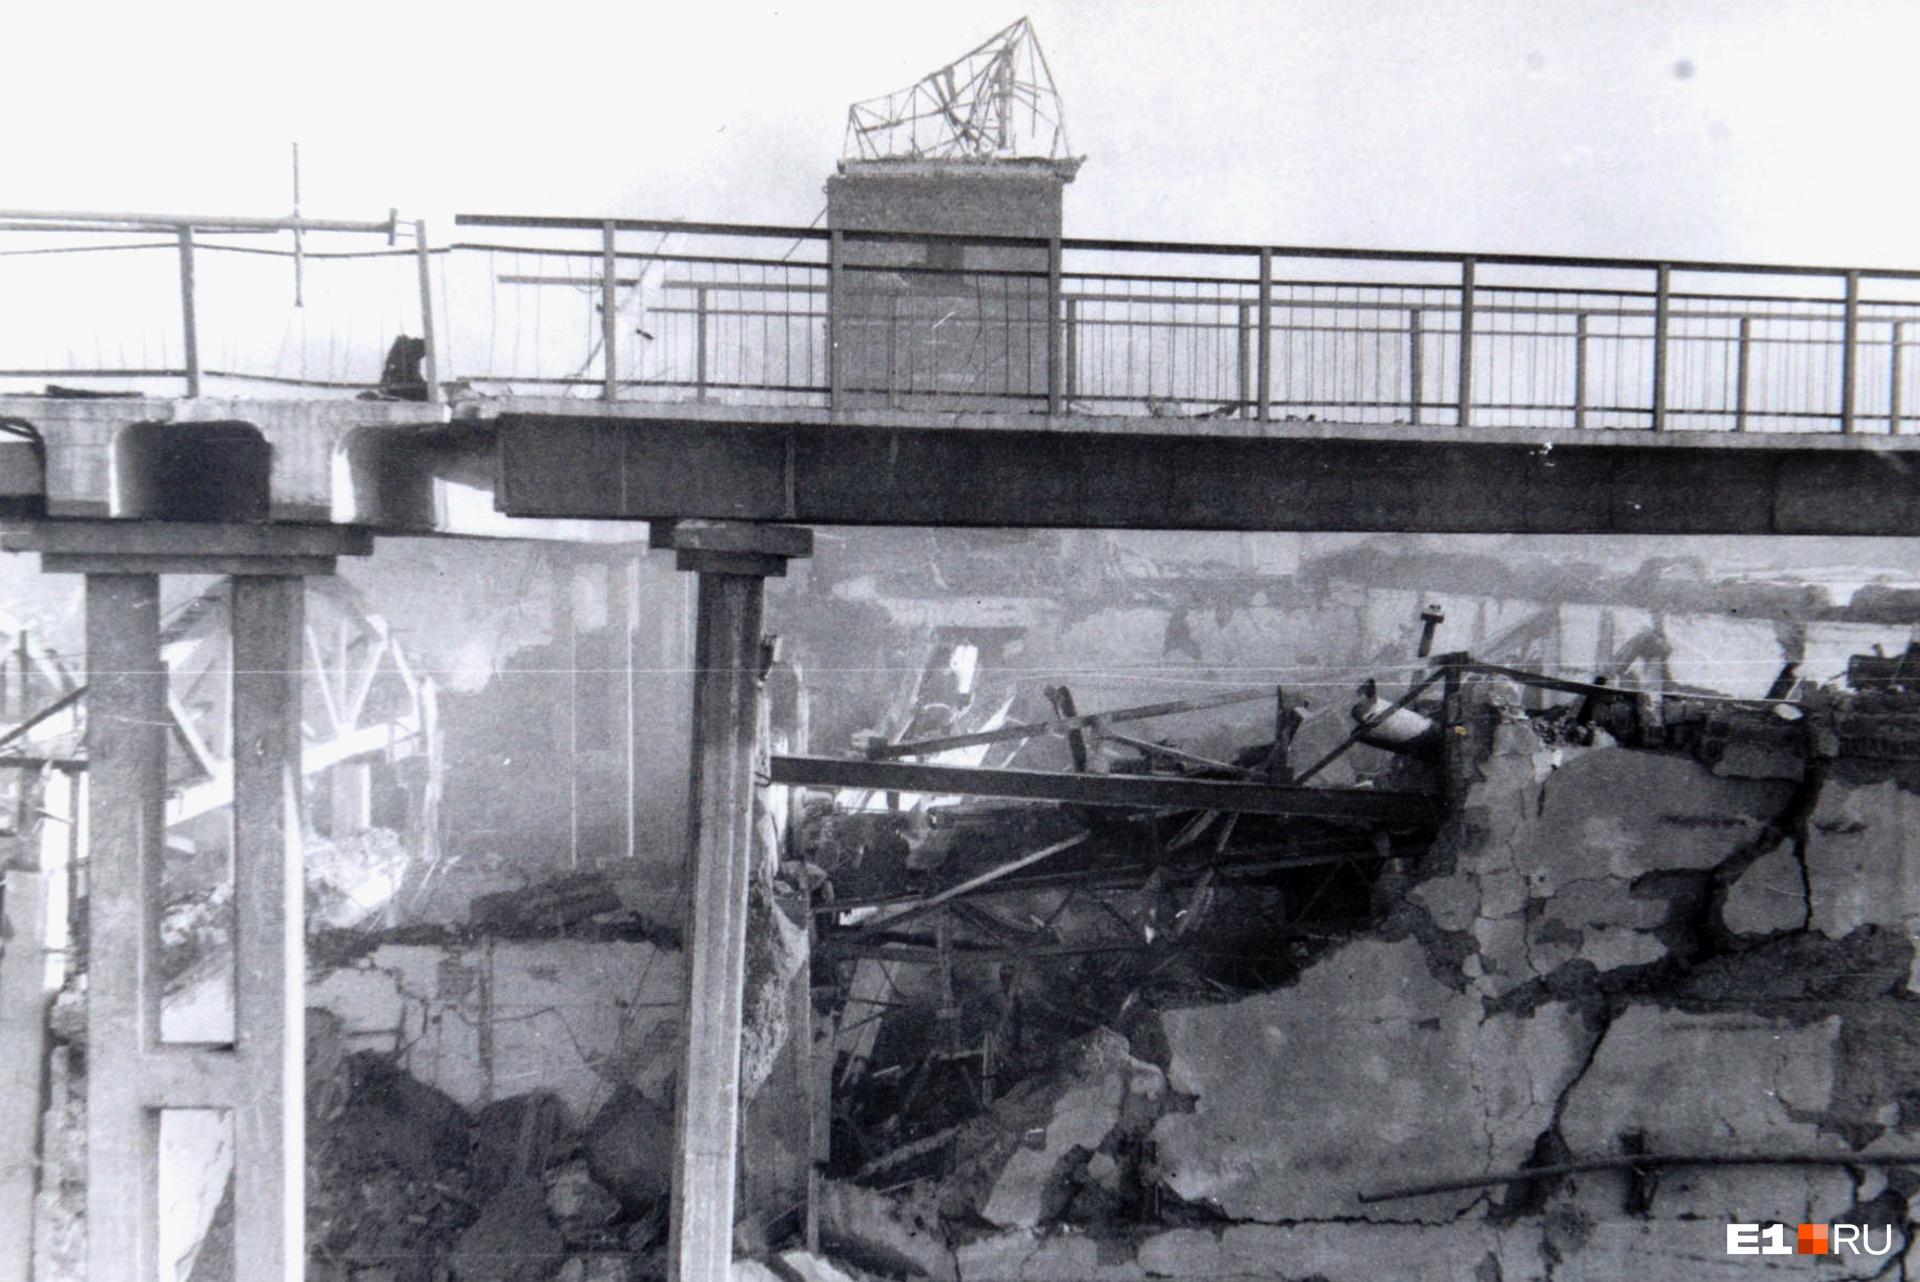 От взрыва разрушился мост через железнодорожные пути. Сейчас он восстановлен, но, проходя по новому участку, можно увидеть конструкции старого, оставшегося с 1988 года